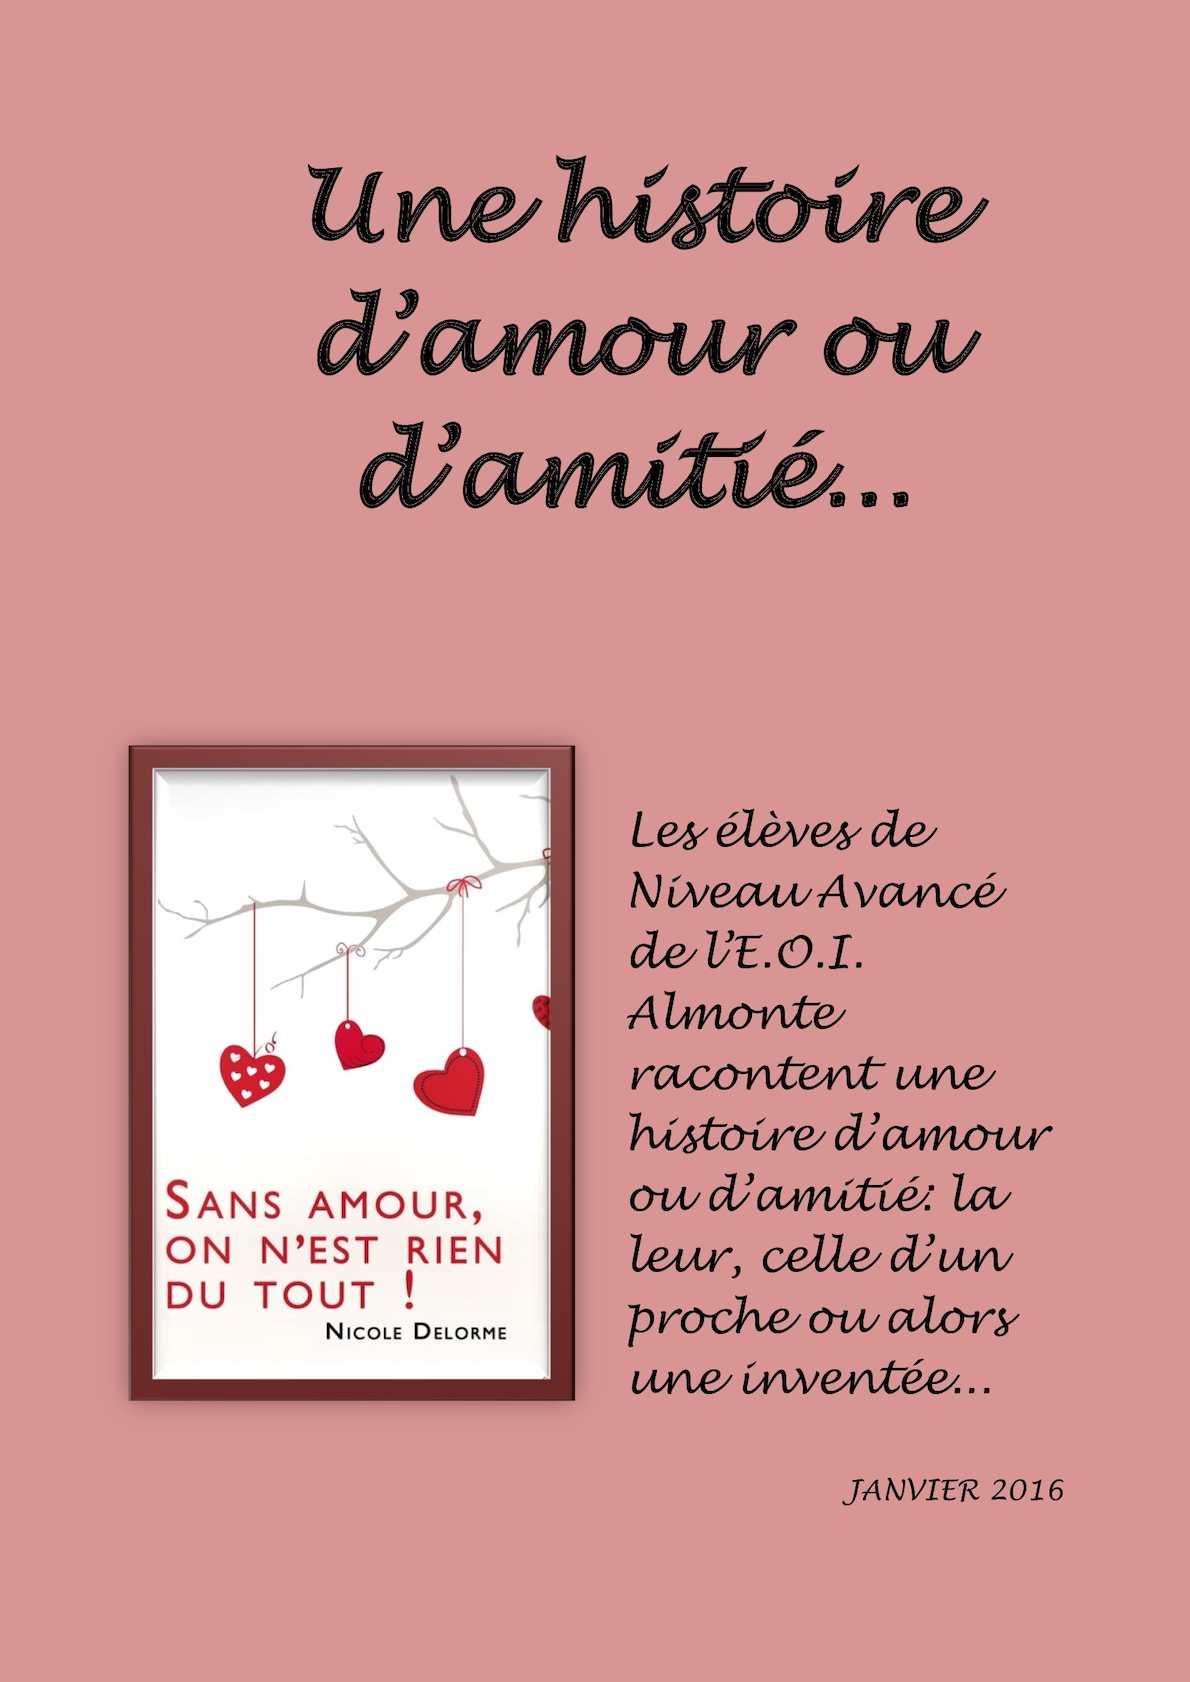 On Est Rien Sans Amour : amour, Calaméo, Recueil, D'histoires, D'amour, D'amitié